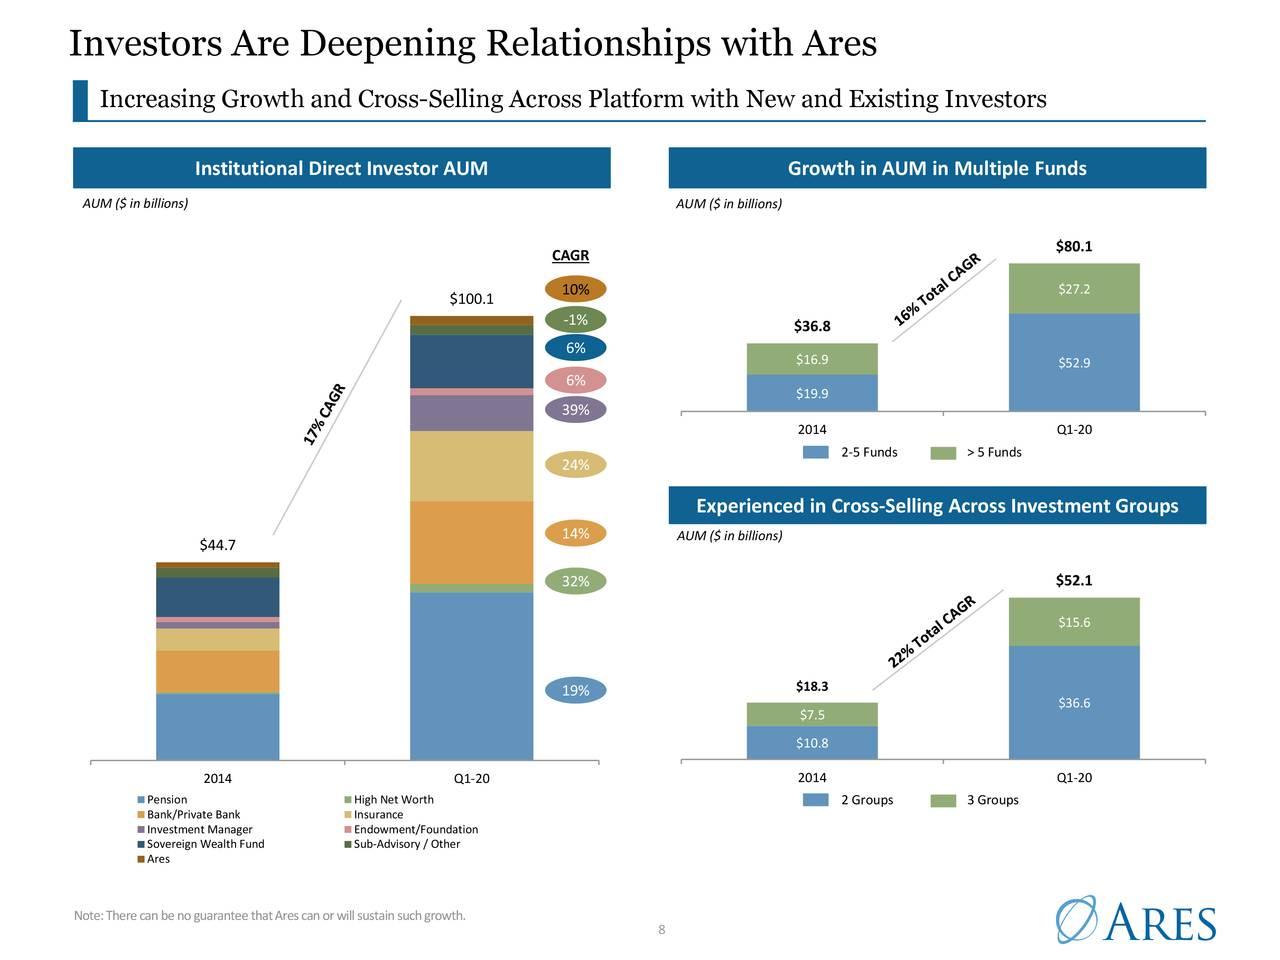 Los inversores están profundizando las relaciones con Ares